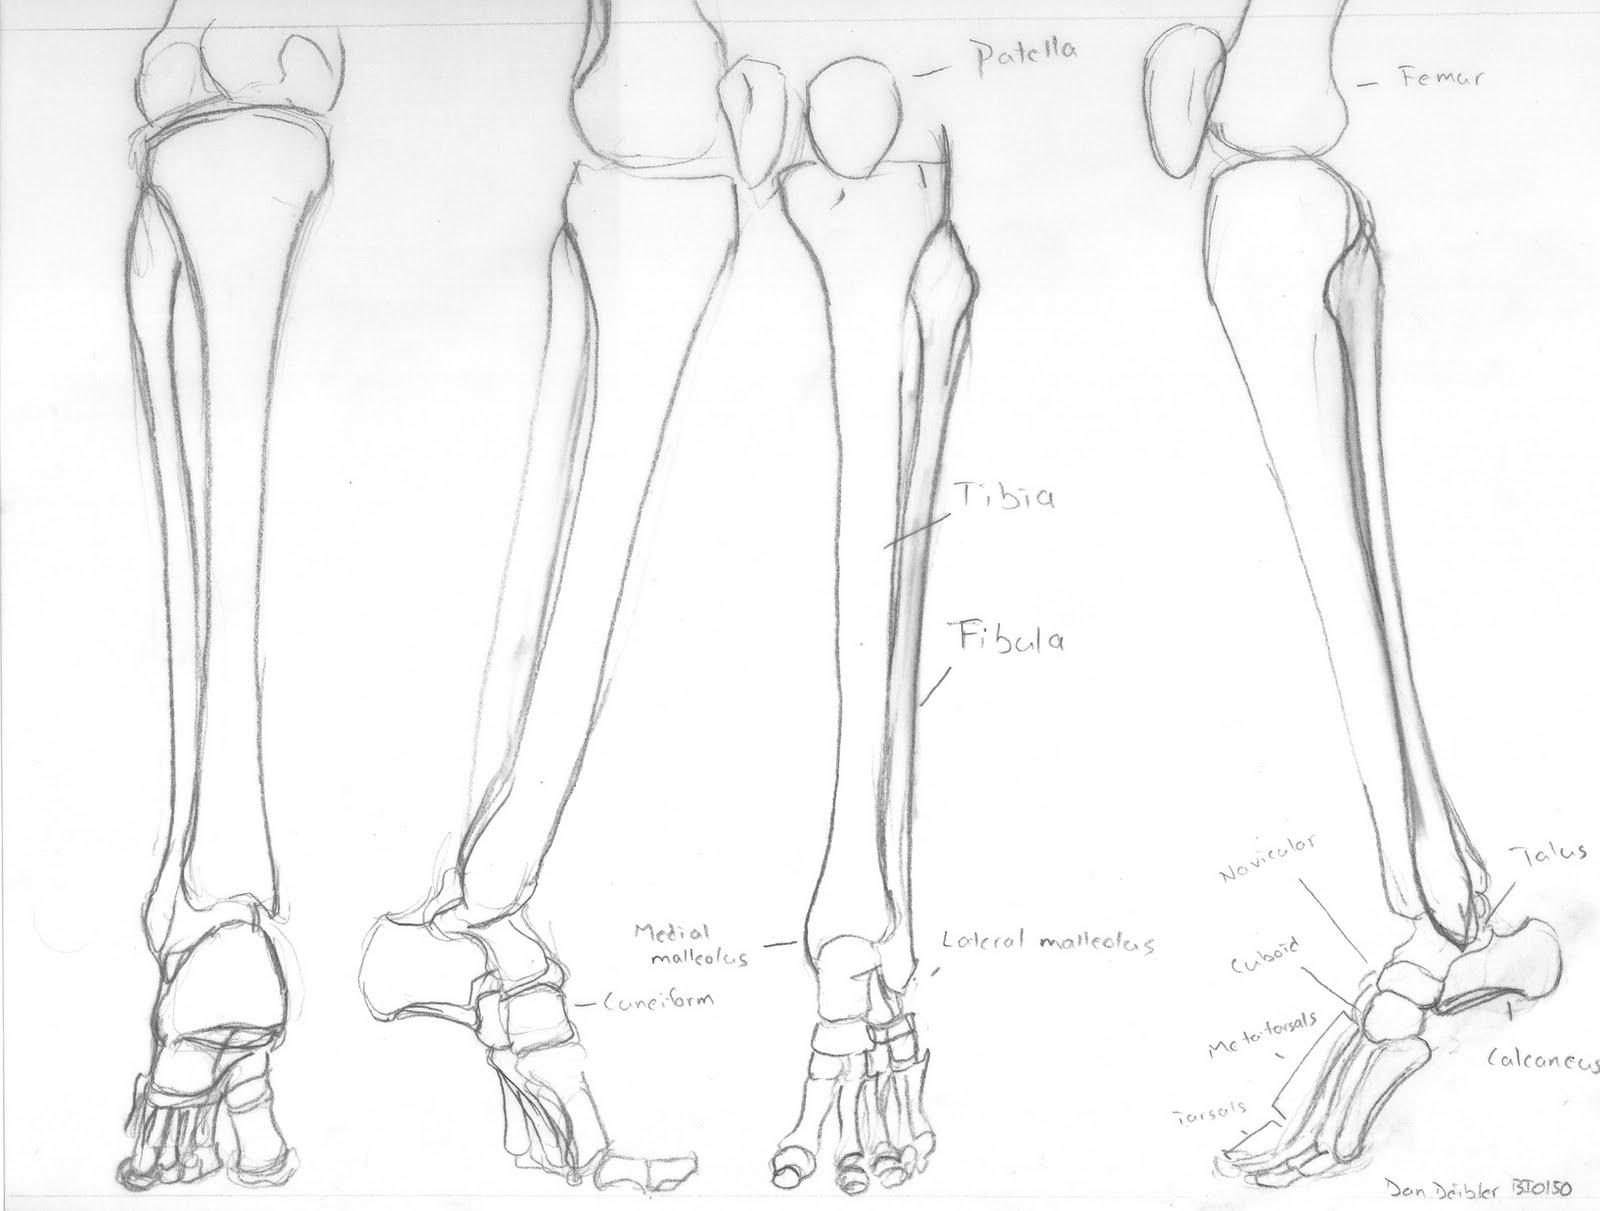 Skeletal anatomy foot